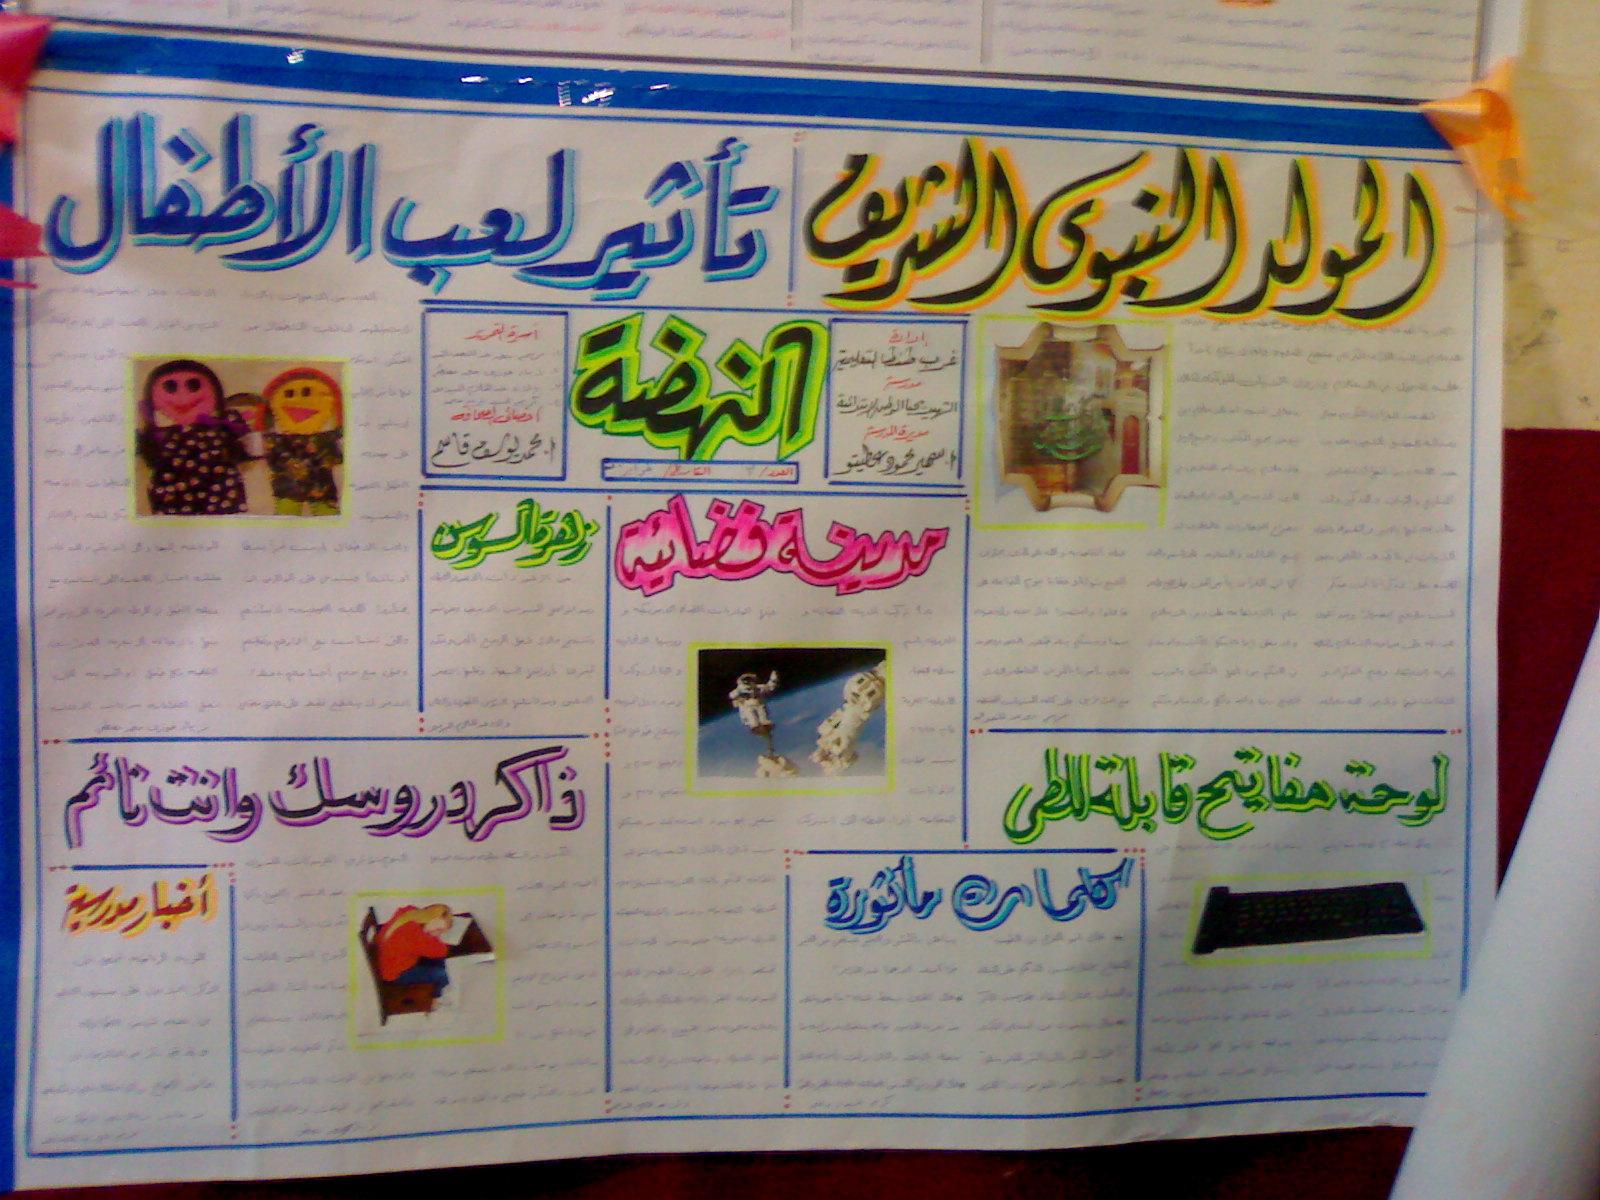 طريقة عمل مجلة مدرسية مقالات